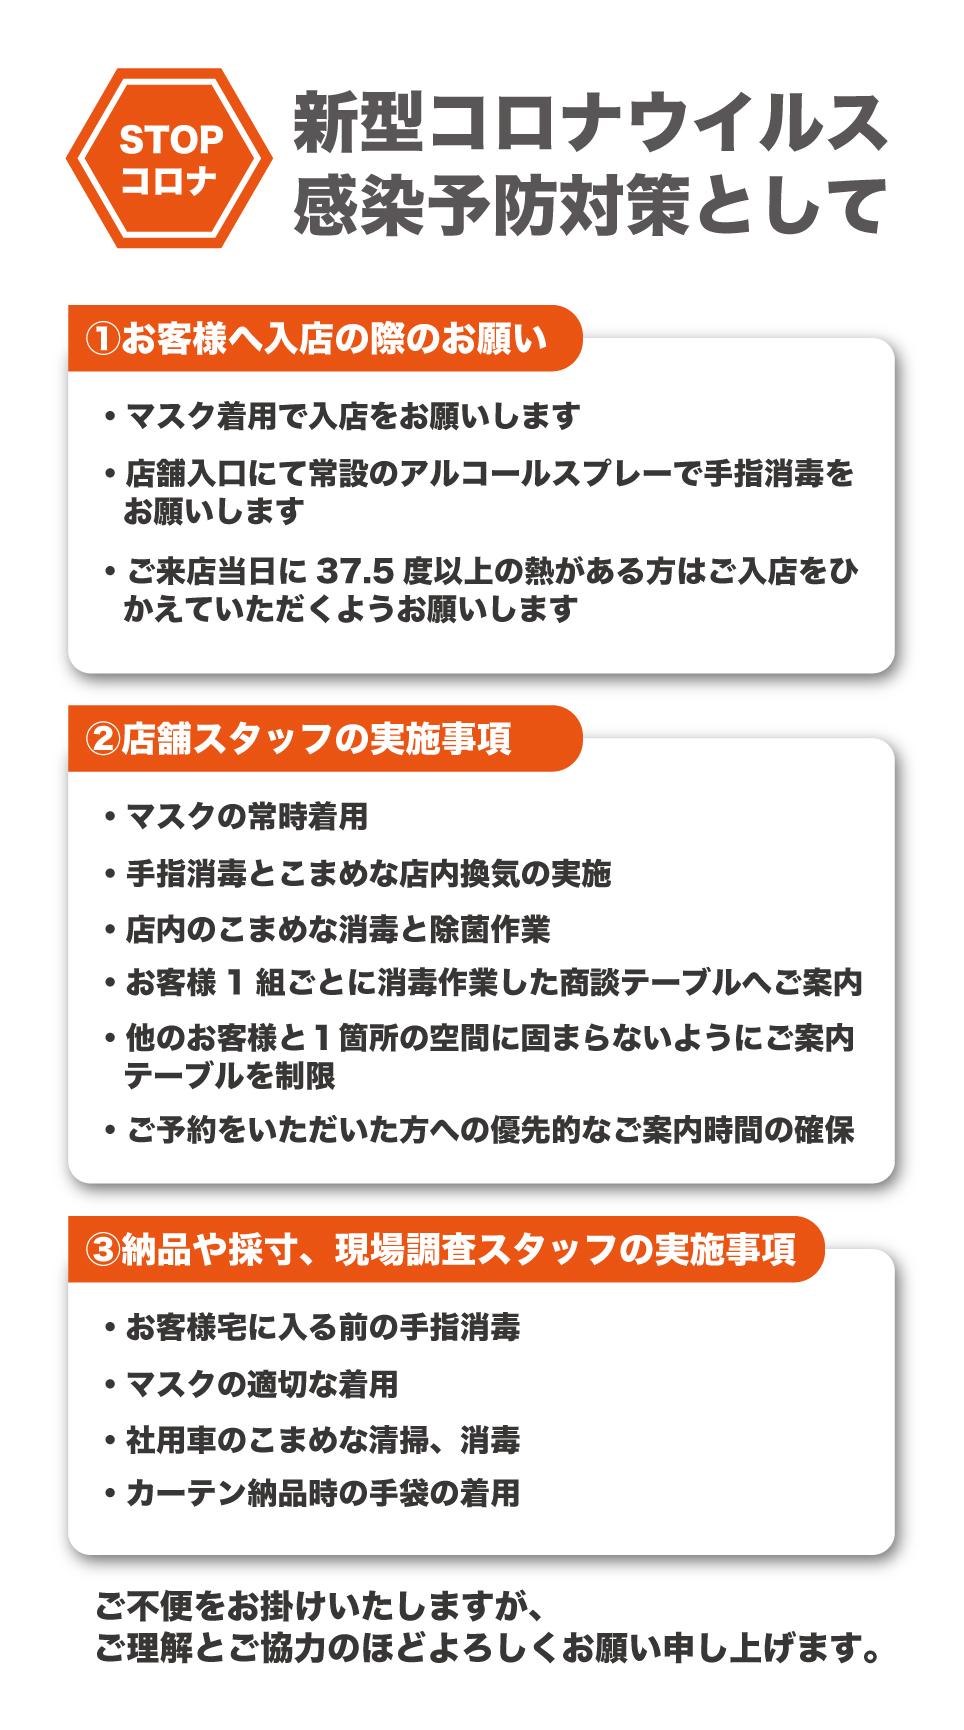 コロナ 富津 【新型コロナウイルス】千葉県内各自治体・情報・ニュースまとめ|チバテレ